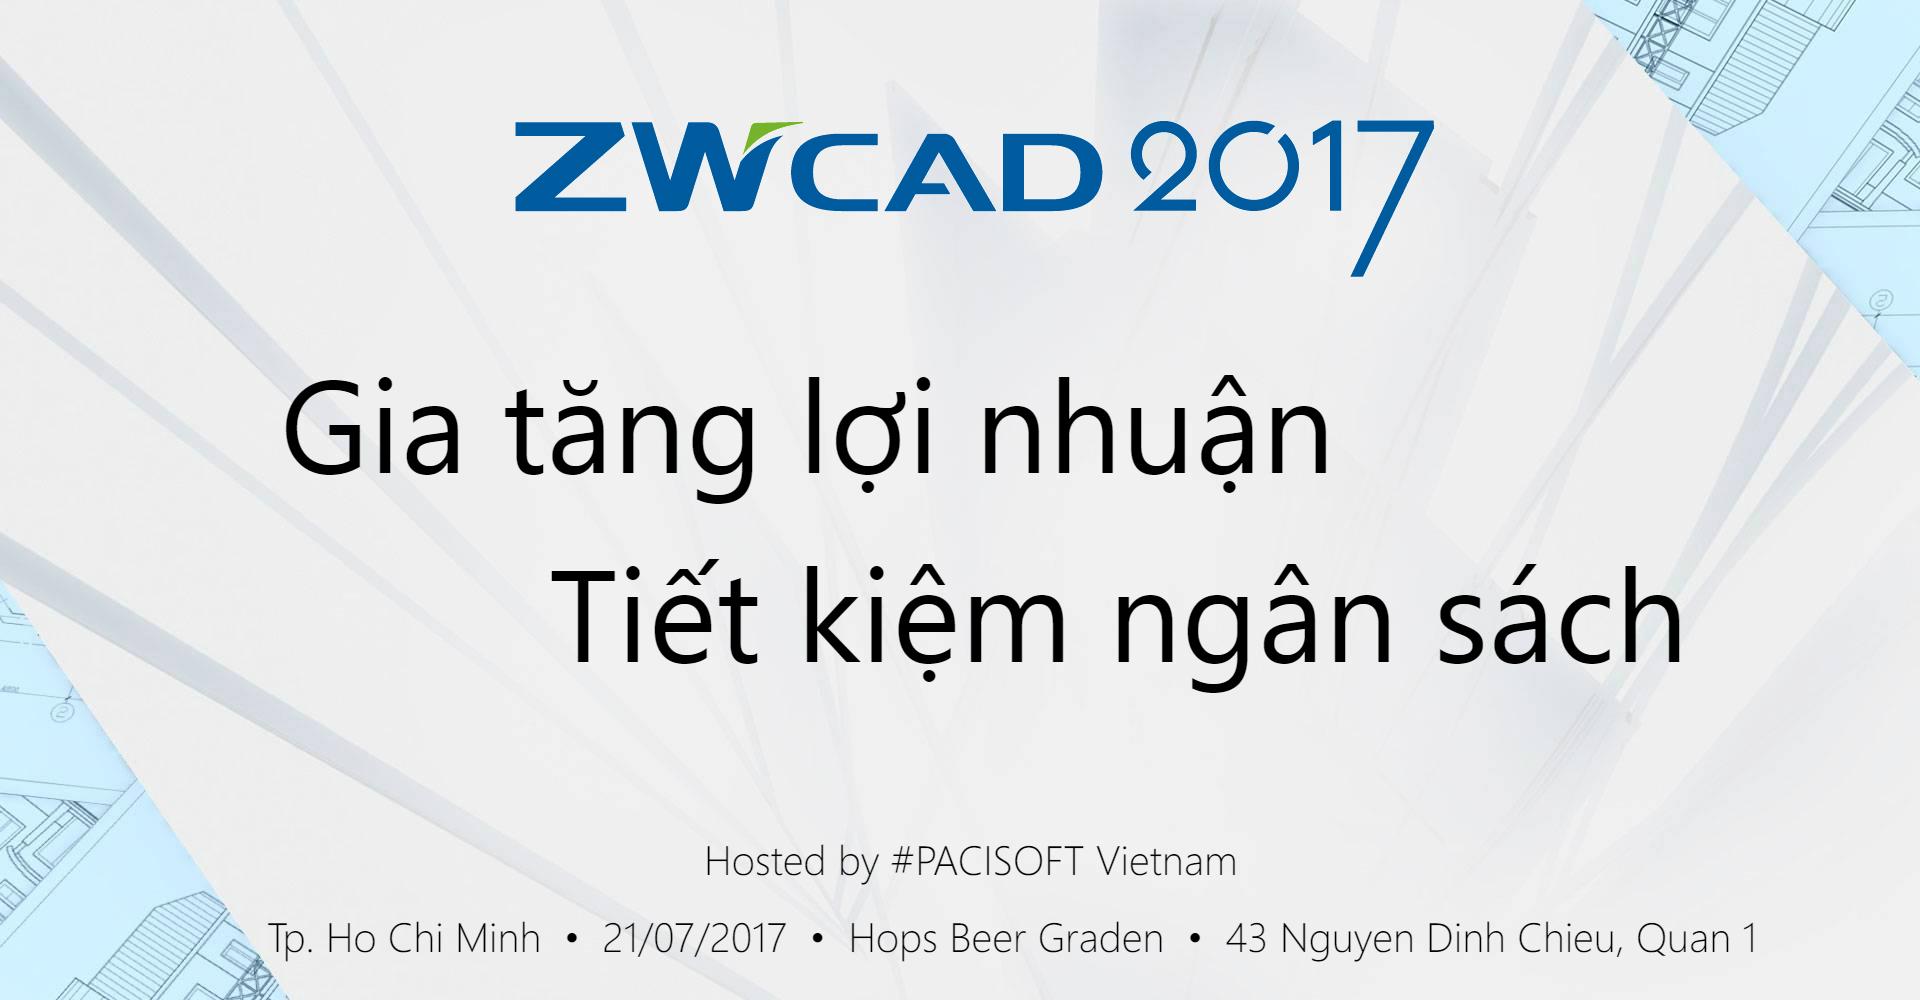 zwcad 2017 banner